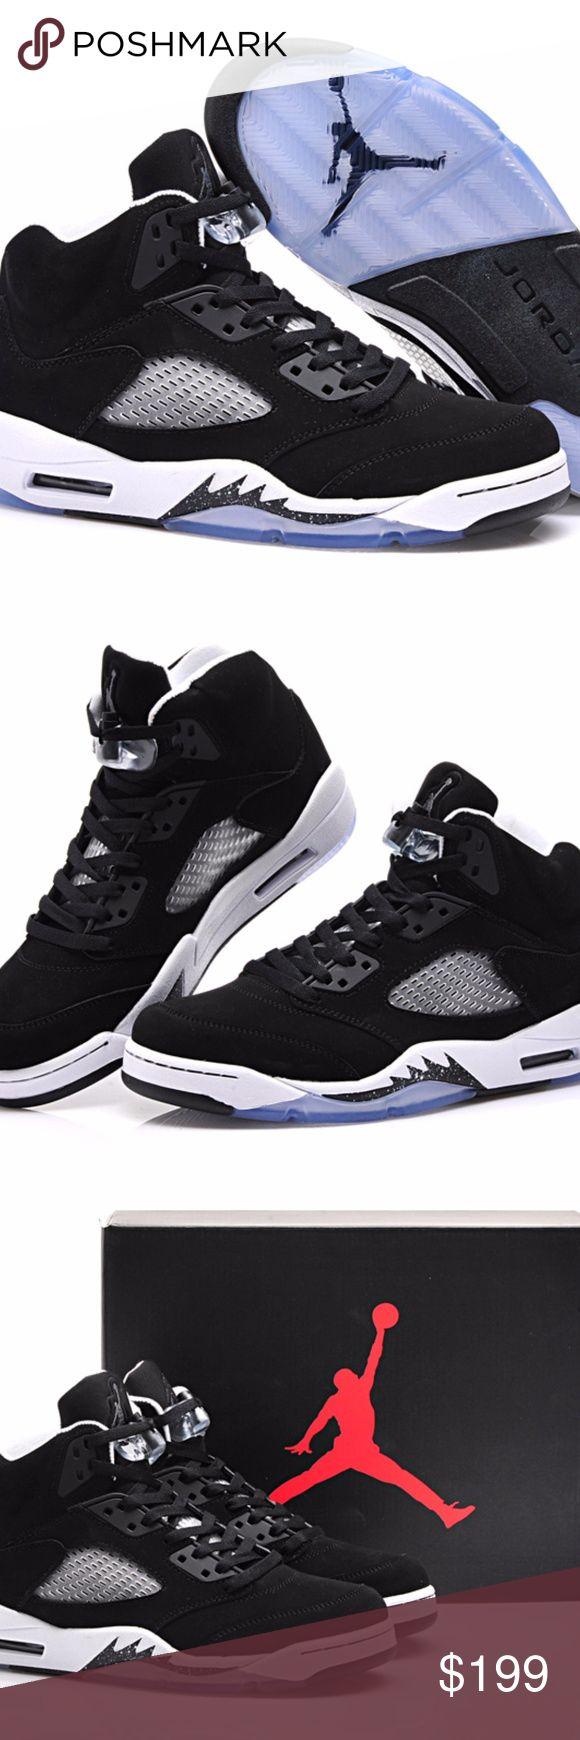 Nike Air Jordan 5 Retro Nike Air Jordan 5 Retro Air Jordan Shoes Sneakers